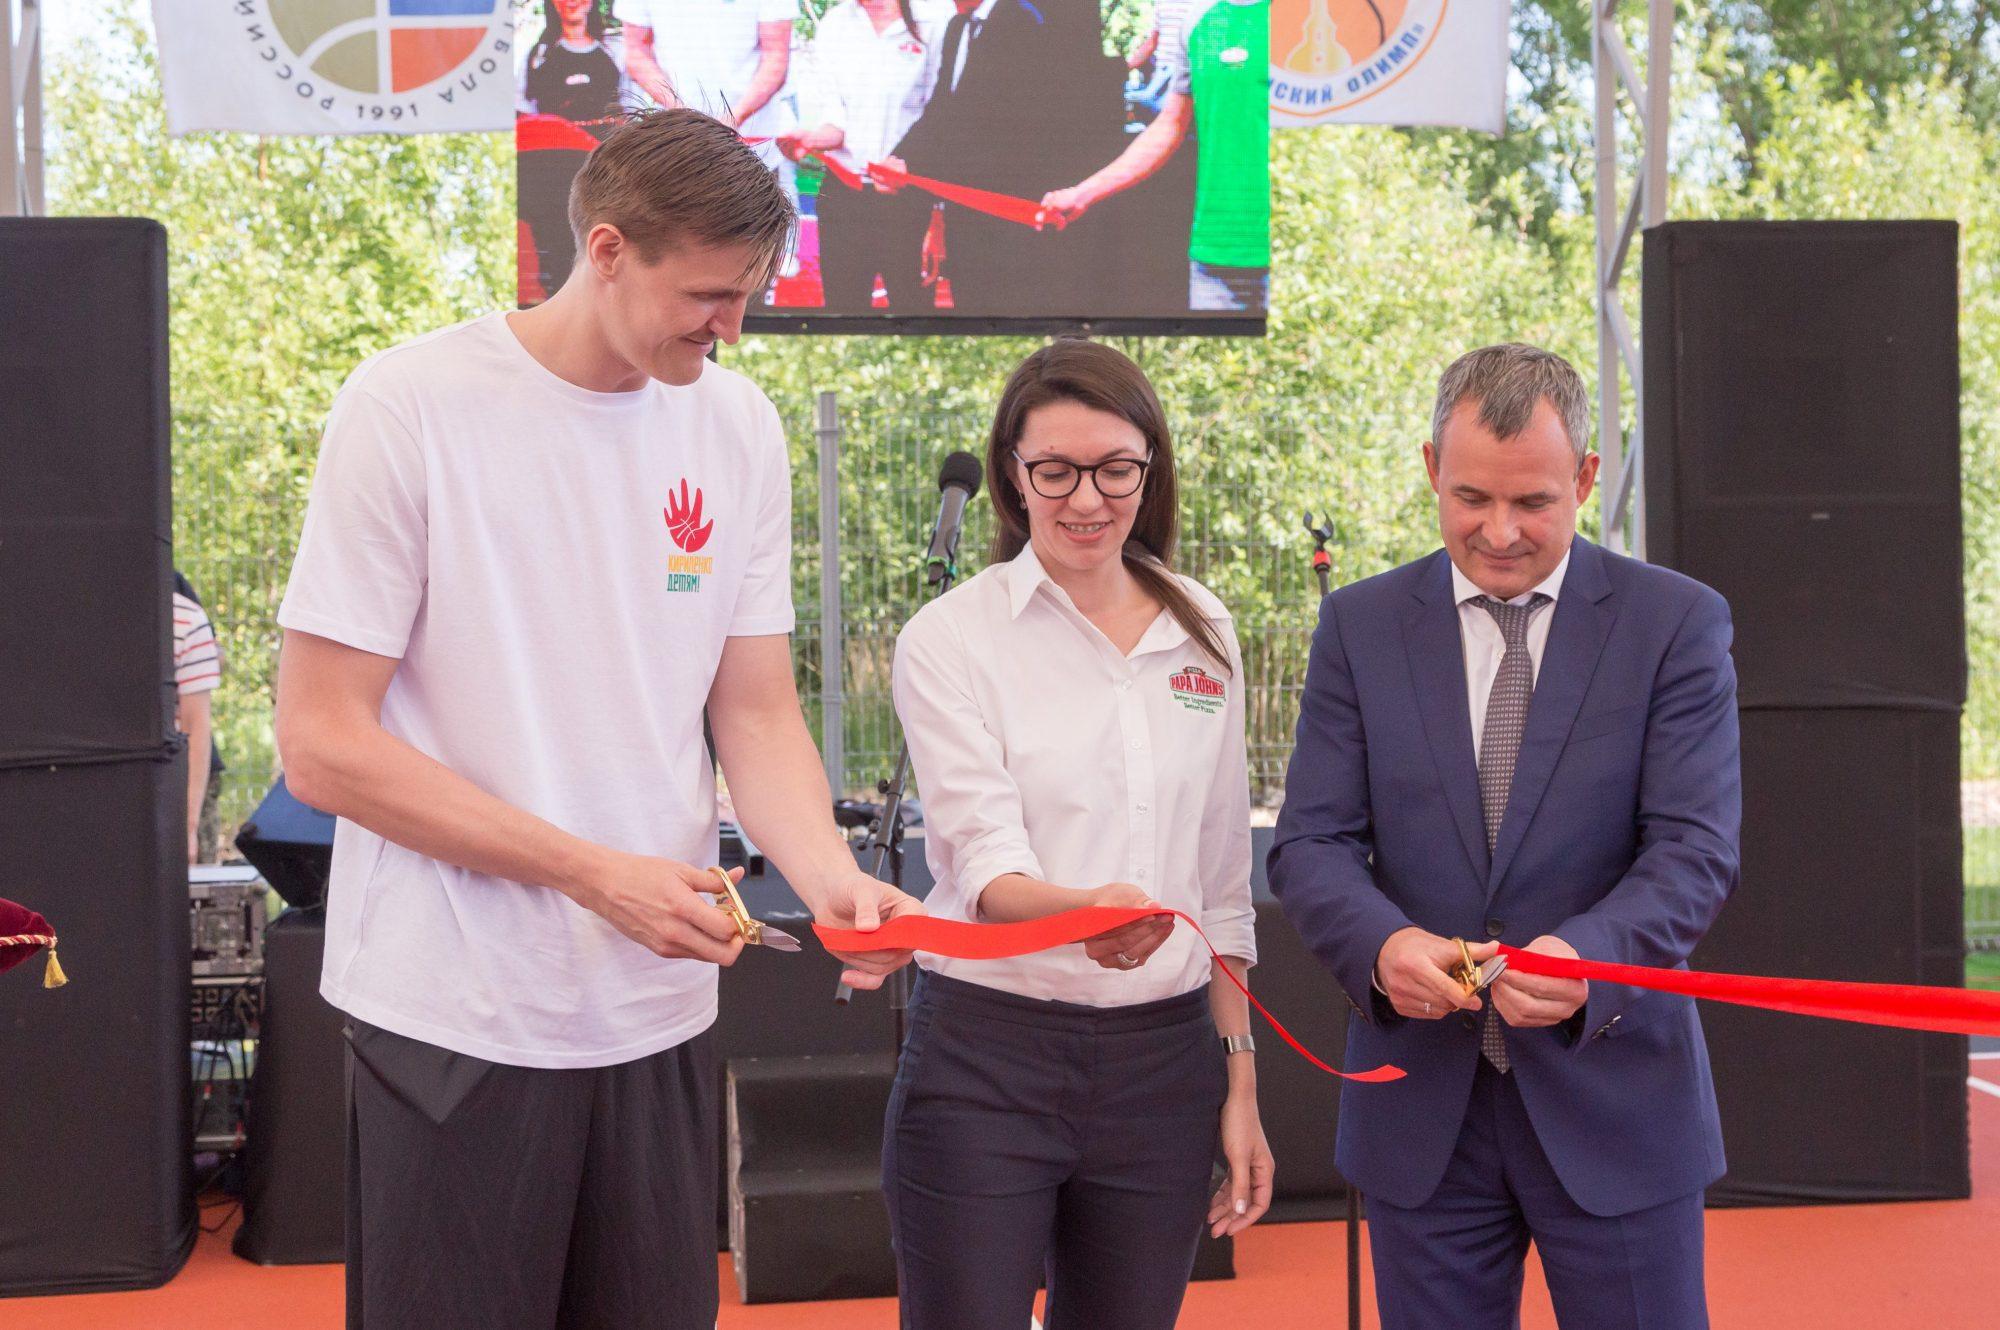 открытие баскетбольной площадки андрея кириленко